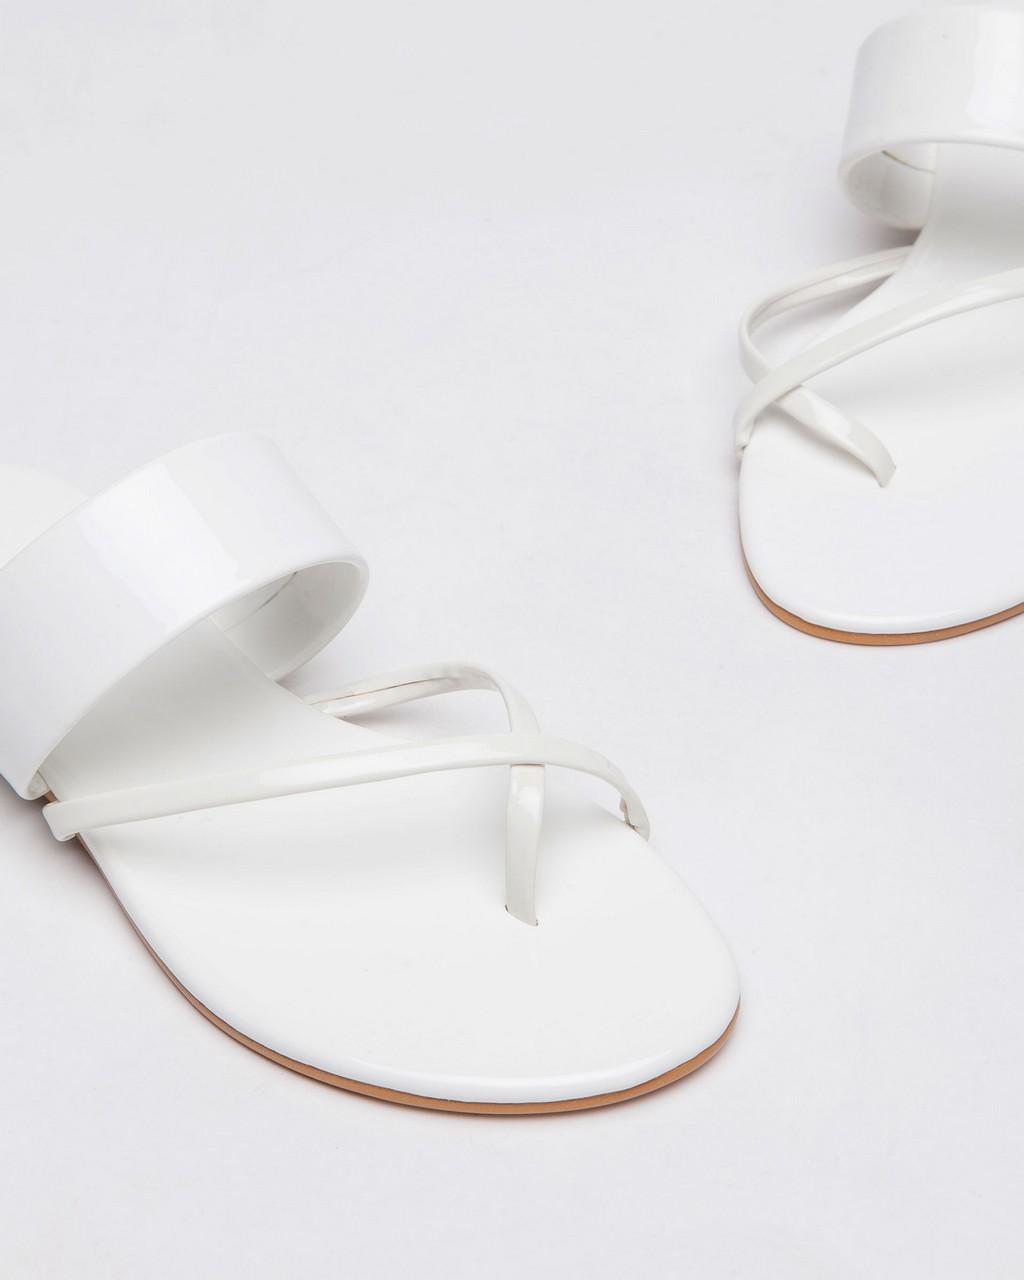 Tagtraume Edition - White Enamel(화이트 에나멜)